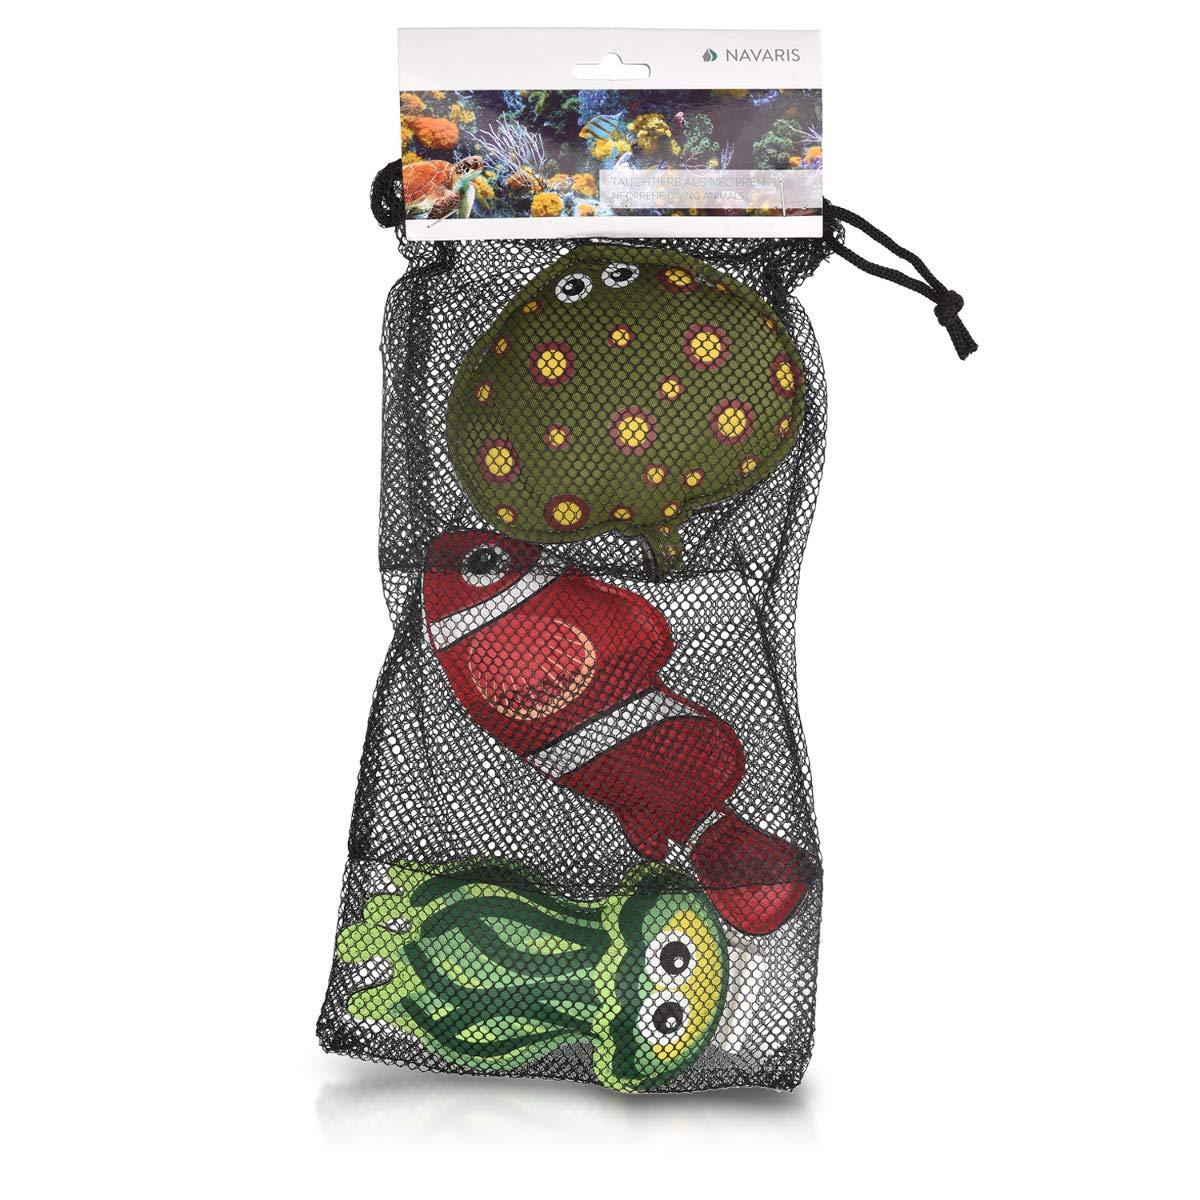 Navaris Set 3 Juguetes sumergibles - Juegos de Agua para niños de Neopreno y Relleno de Arena - Juego acuático para Verano con Bolsa de almacenaje